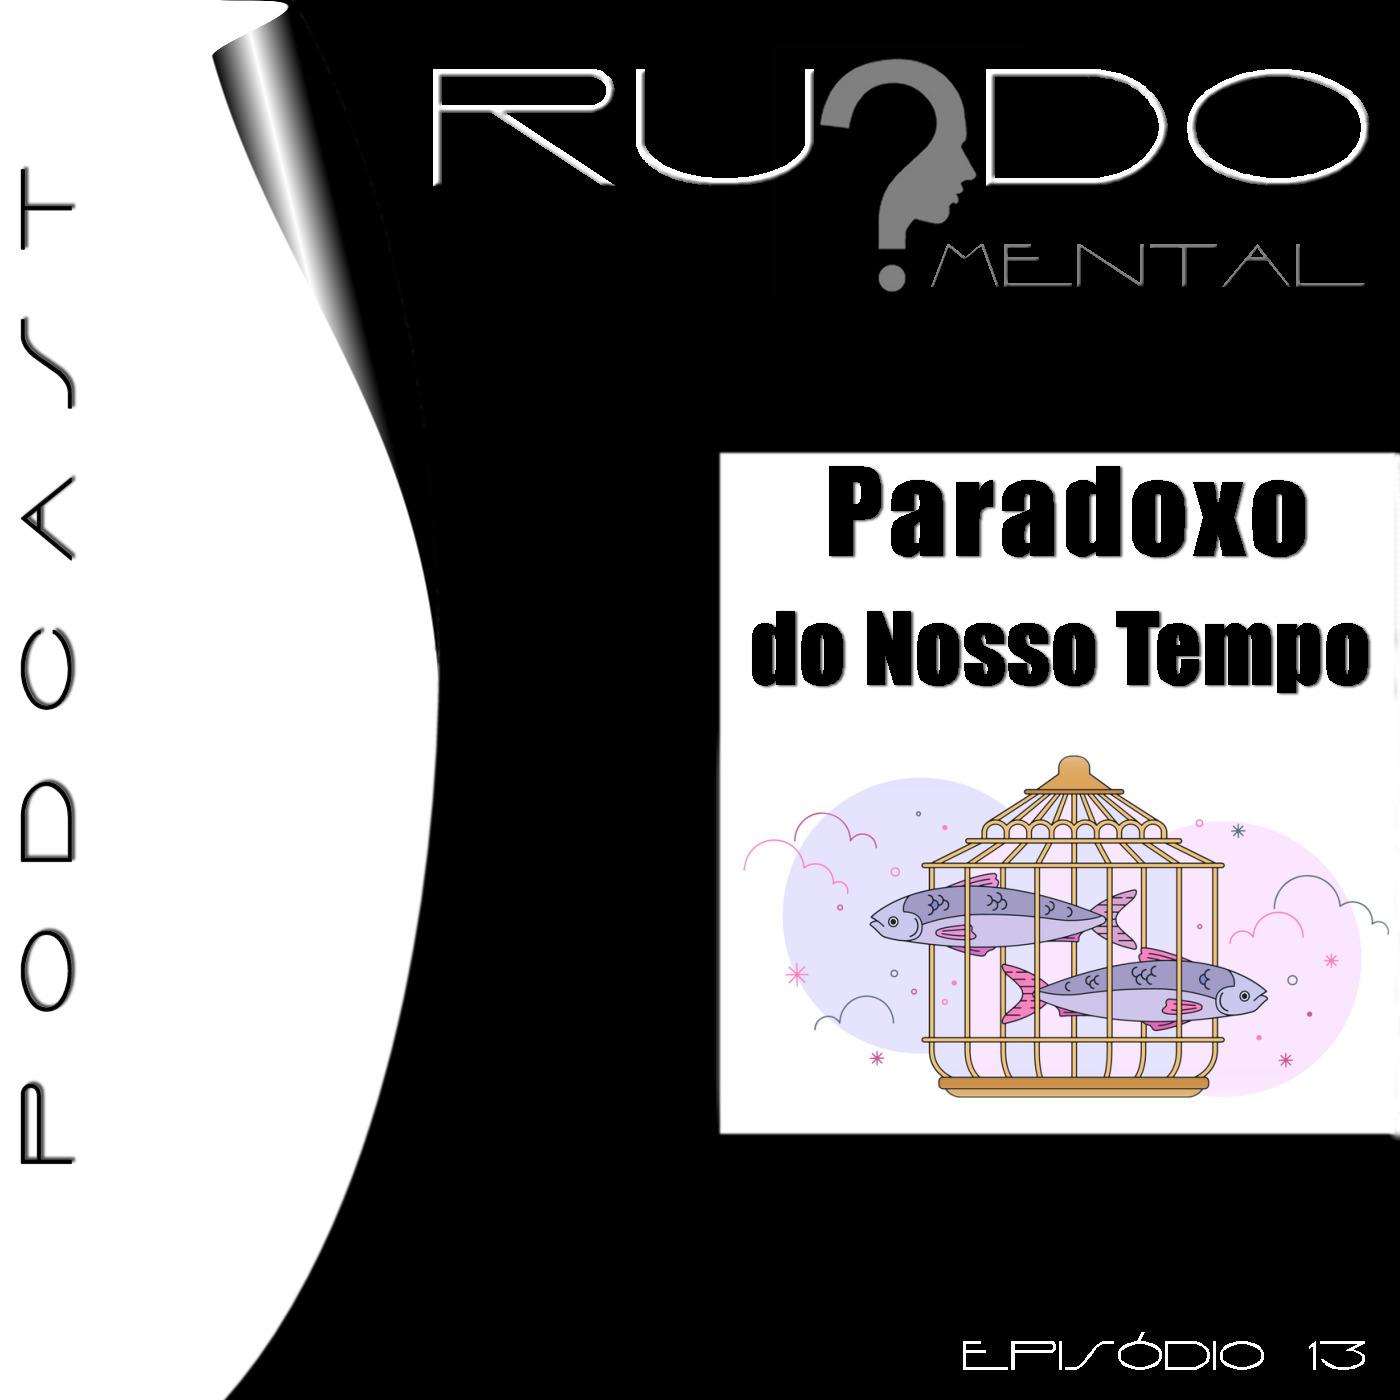 # 13 - Paradoxo do Nosso Tempo